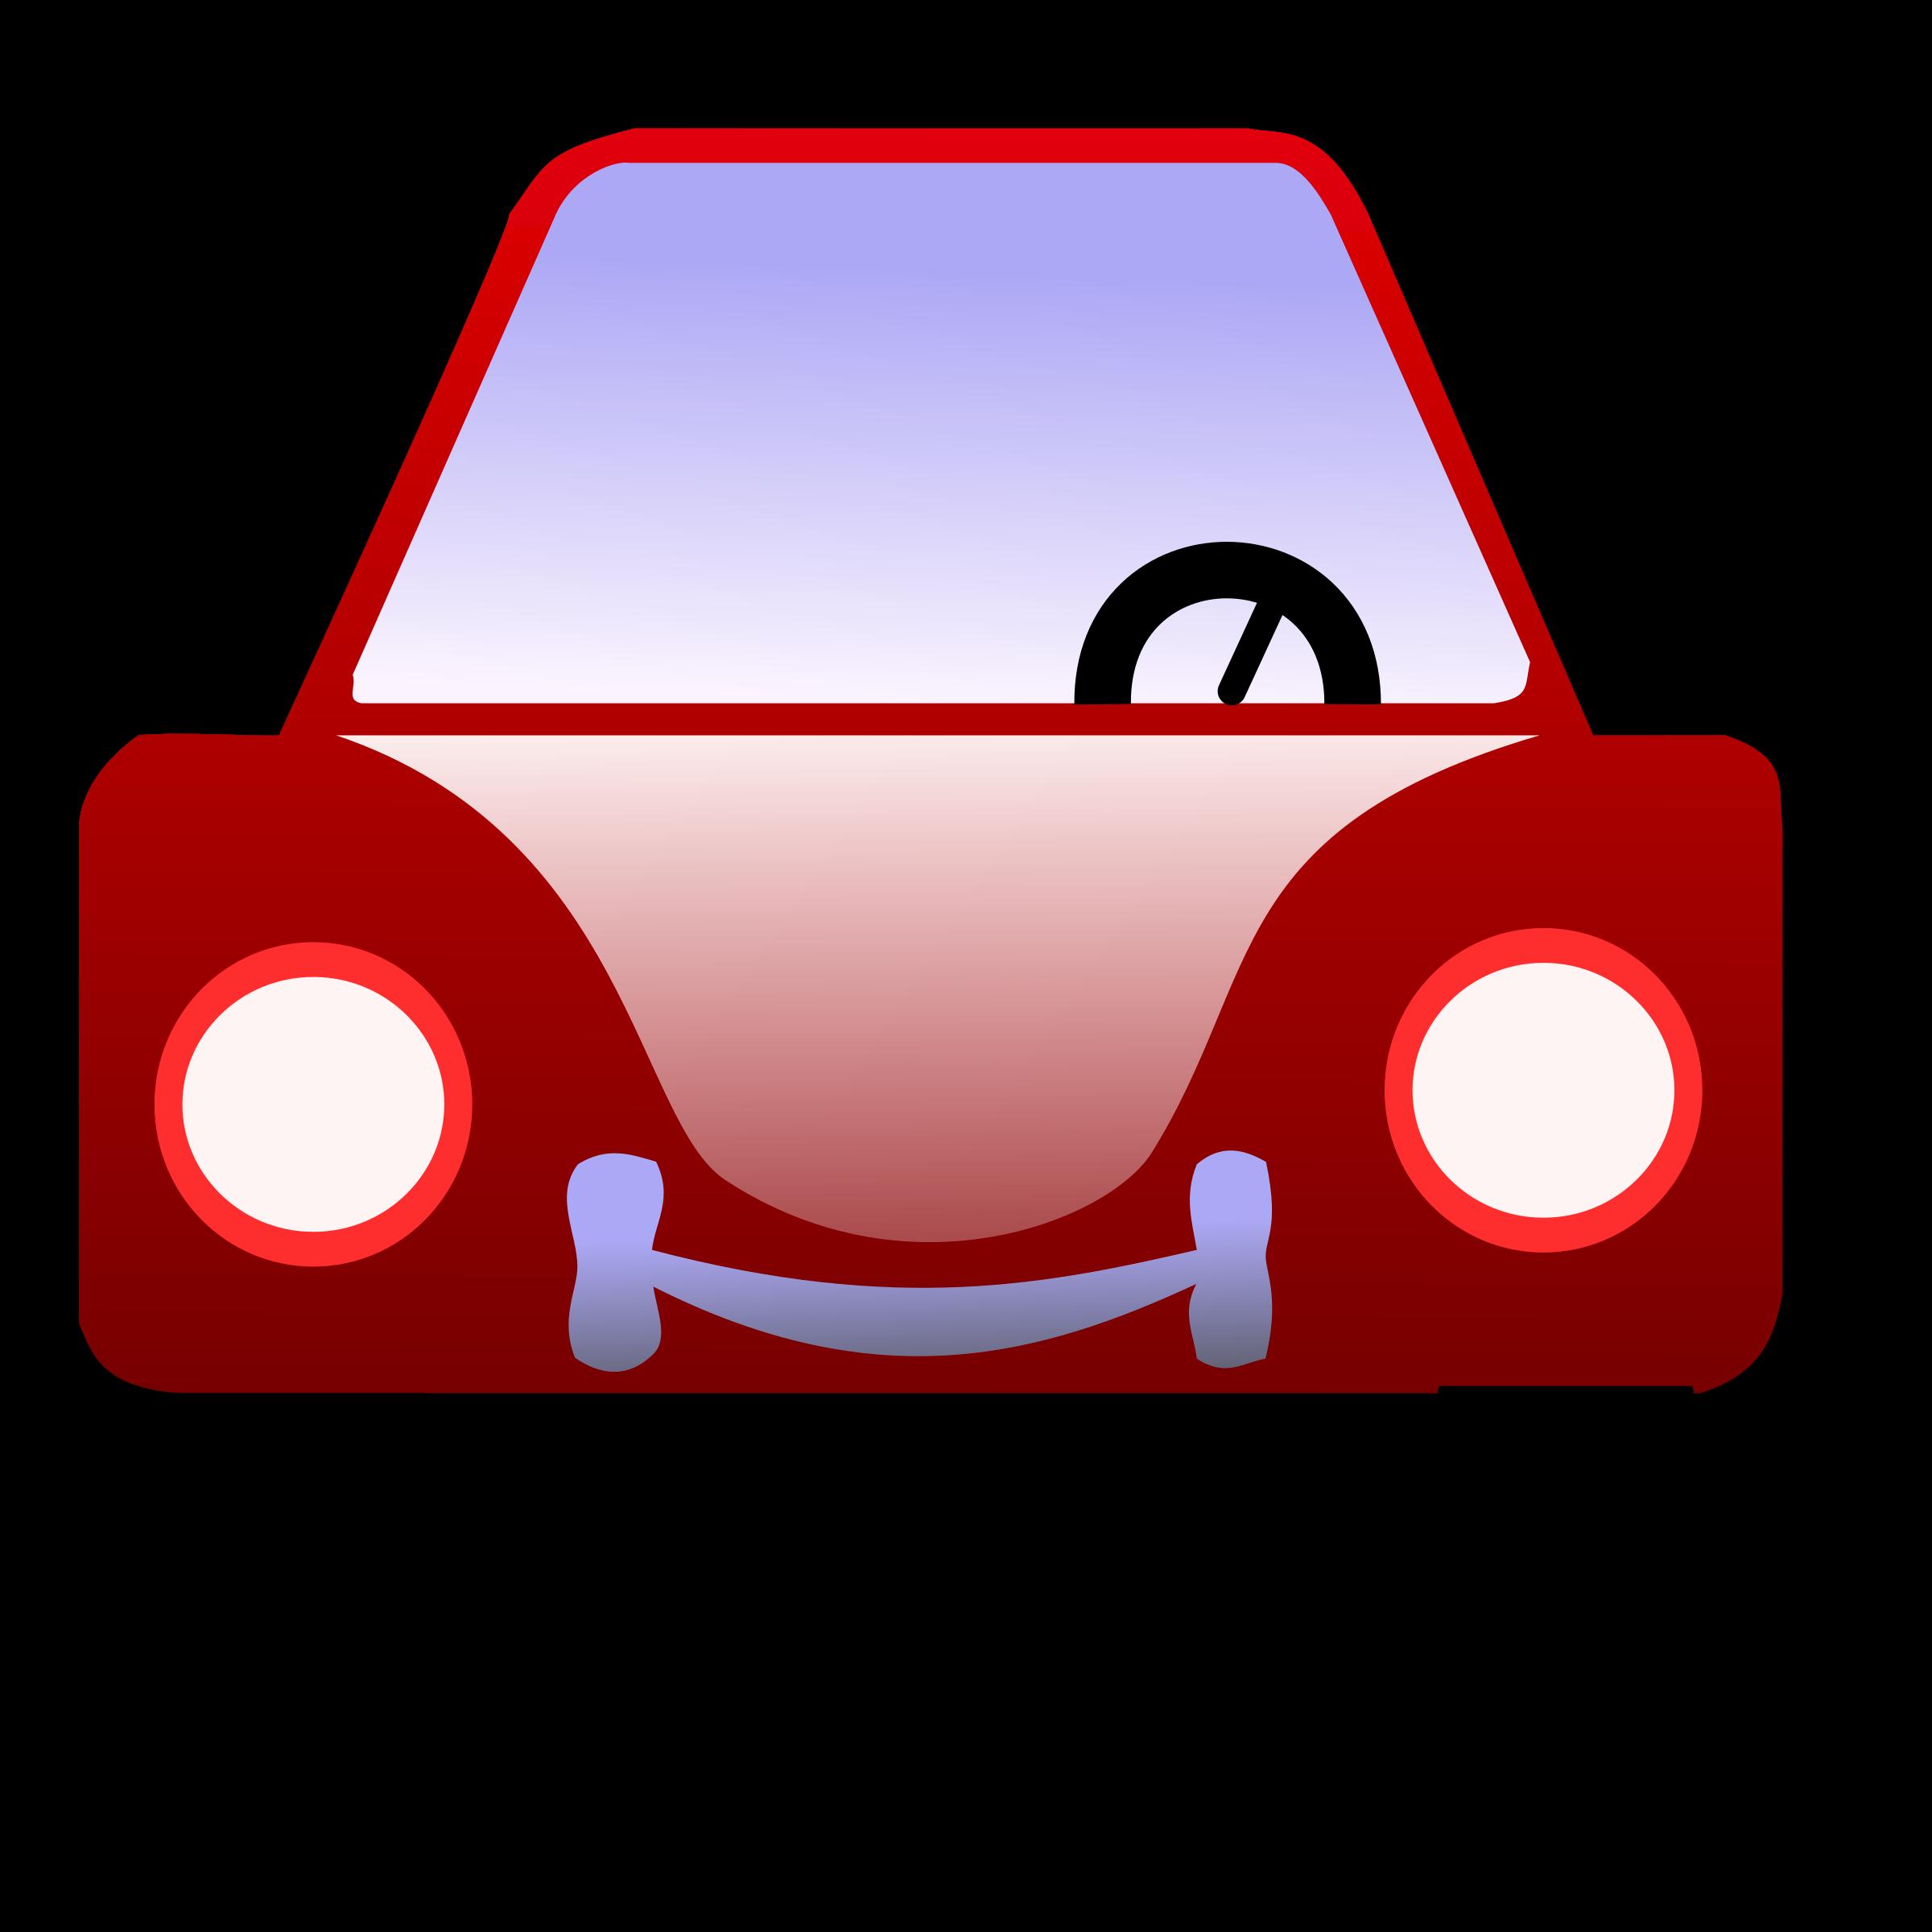 Car door clipart vector royalty free stock Clipart - car vector royalty free stock